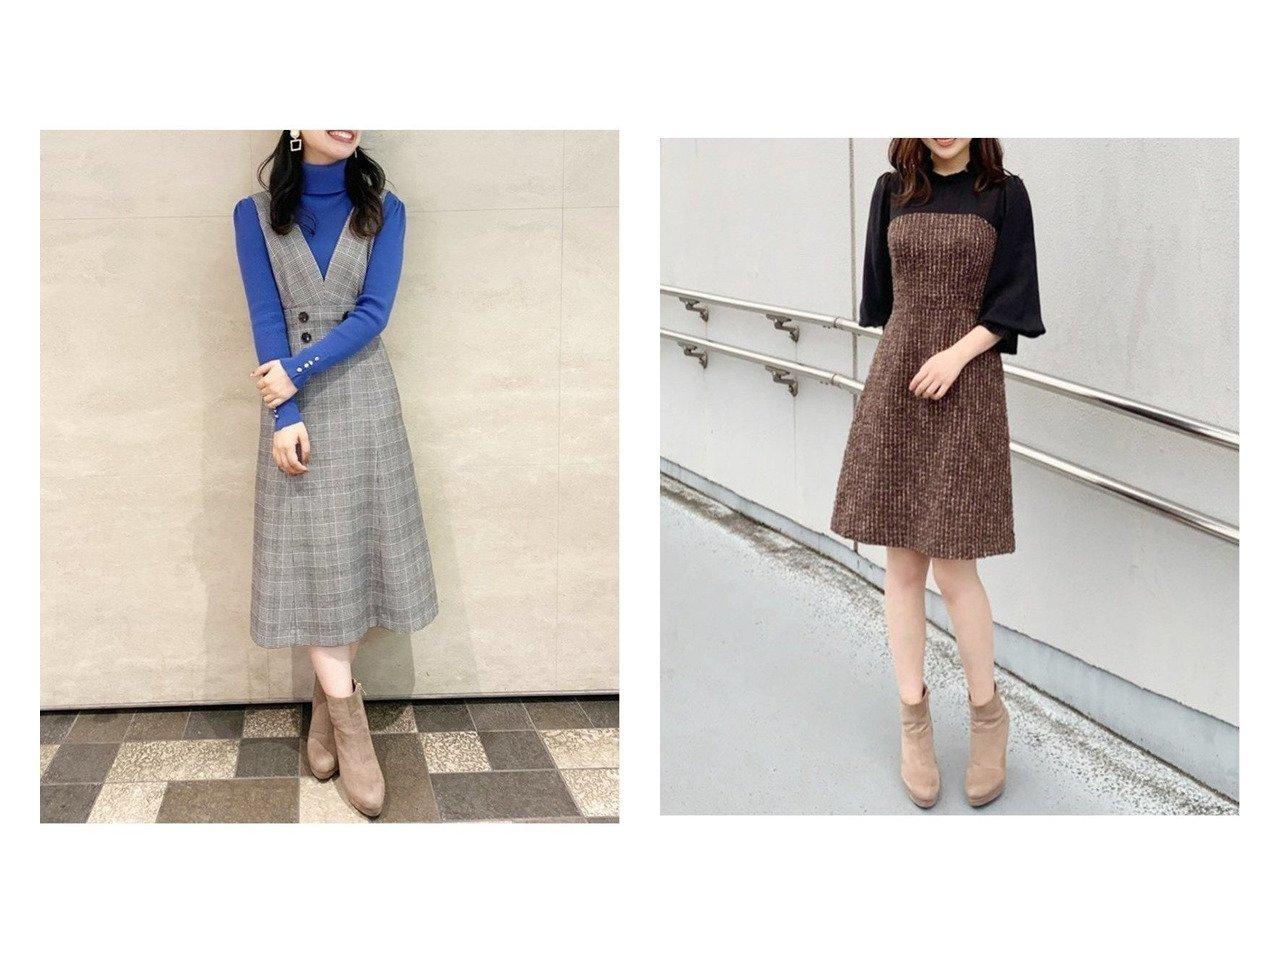 【31 Sons de mode/トランテアン ソン ドゥ モード】のバックリボンツイードワンピース&バックリボン2WAYジャンスカ ワンピース・ドレスのおすすめ!人気、トレンド・レディースファッションの通販  おすすめで人気の流行・トレンド、ファッションの通販商品 メンズファッション・キッズファッション・インテリア・家具・レディースファッション・服の通販 founy(ファニー) https://founy.com/ ファッション Fashion レディースファッション WOMEN ワンピース Dress エレガント カットソー クラシック スニーカー チェック ブルゾン モノトーン リボン 冬 Winter A/W 秋冬 AW Autumn/Winter / FW Fall-Winter 2020年 2020 2020-2021 秋冬 A/W AW Autumn/Winter / FW Fall-Winter 2020-2021 |ID:crp329100000010077